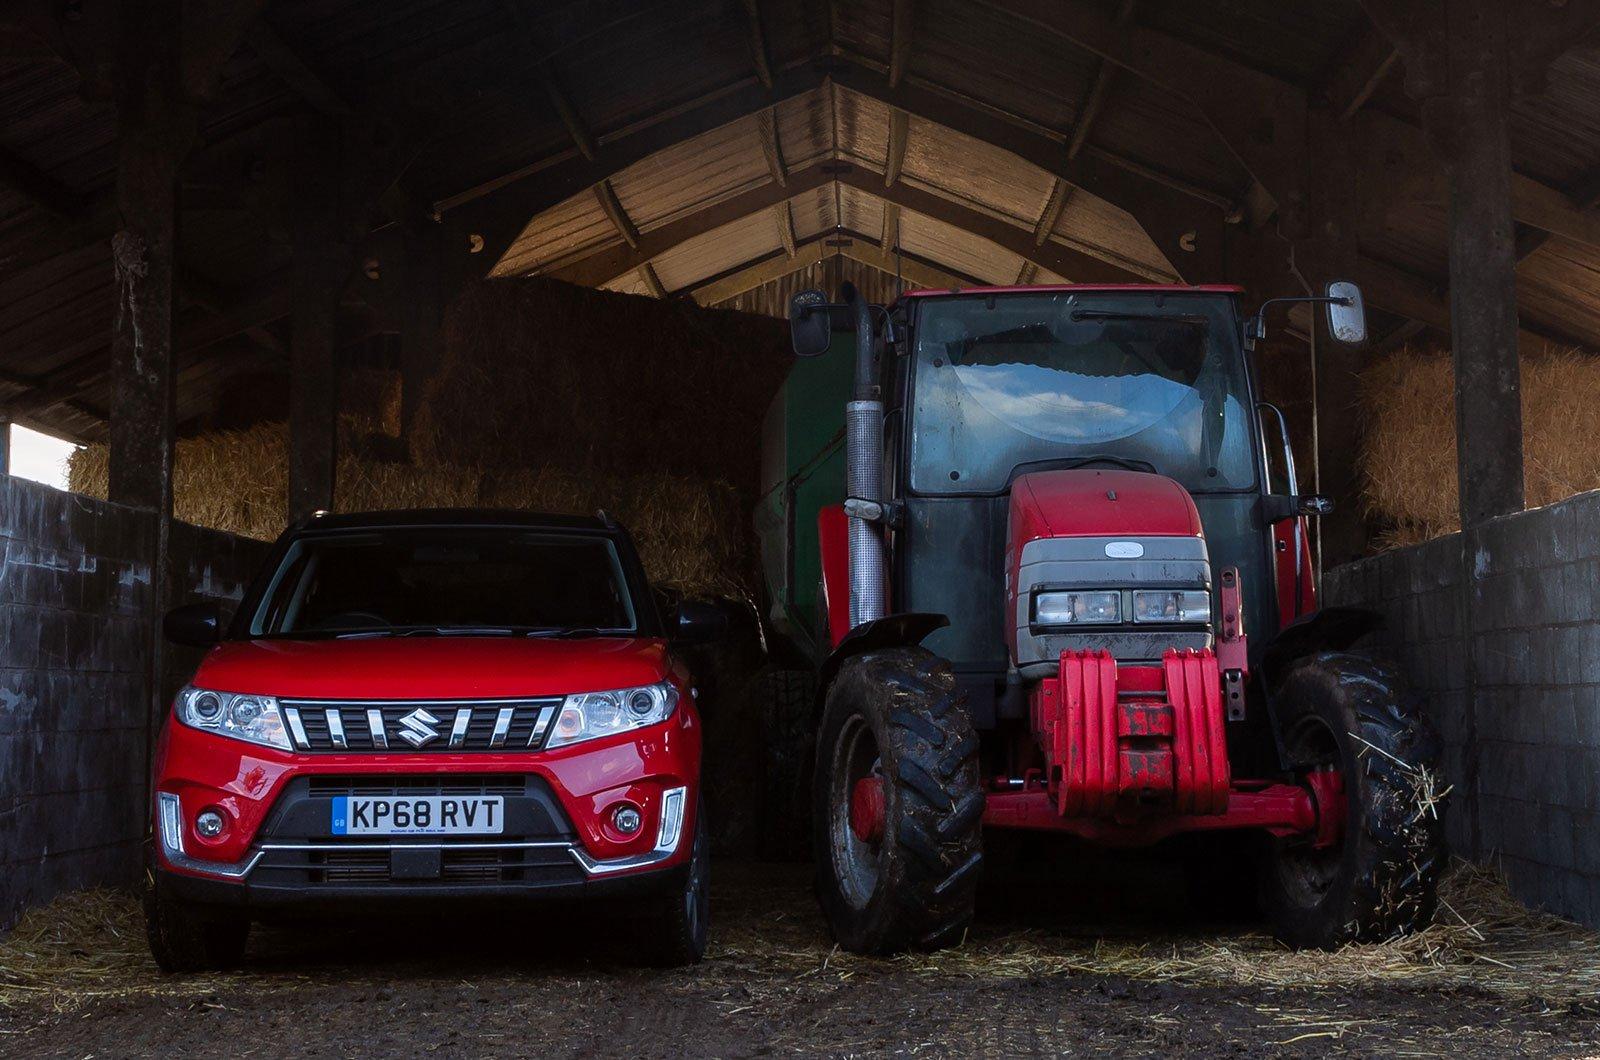 Suzuki Vitara next to a tractor